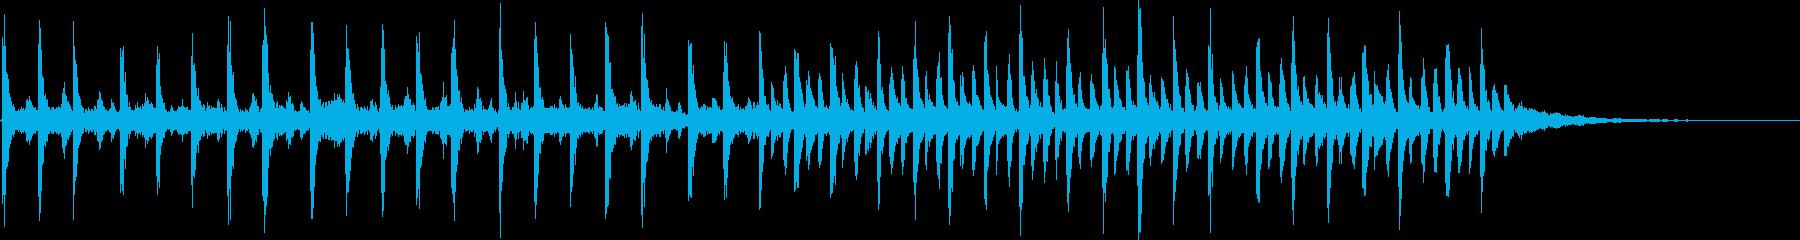 神秘的なエレクトロ003の再生済みの波形